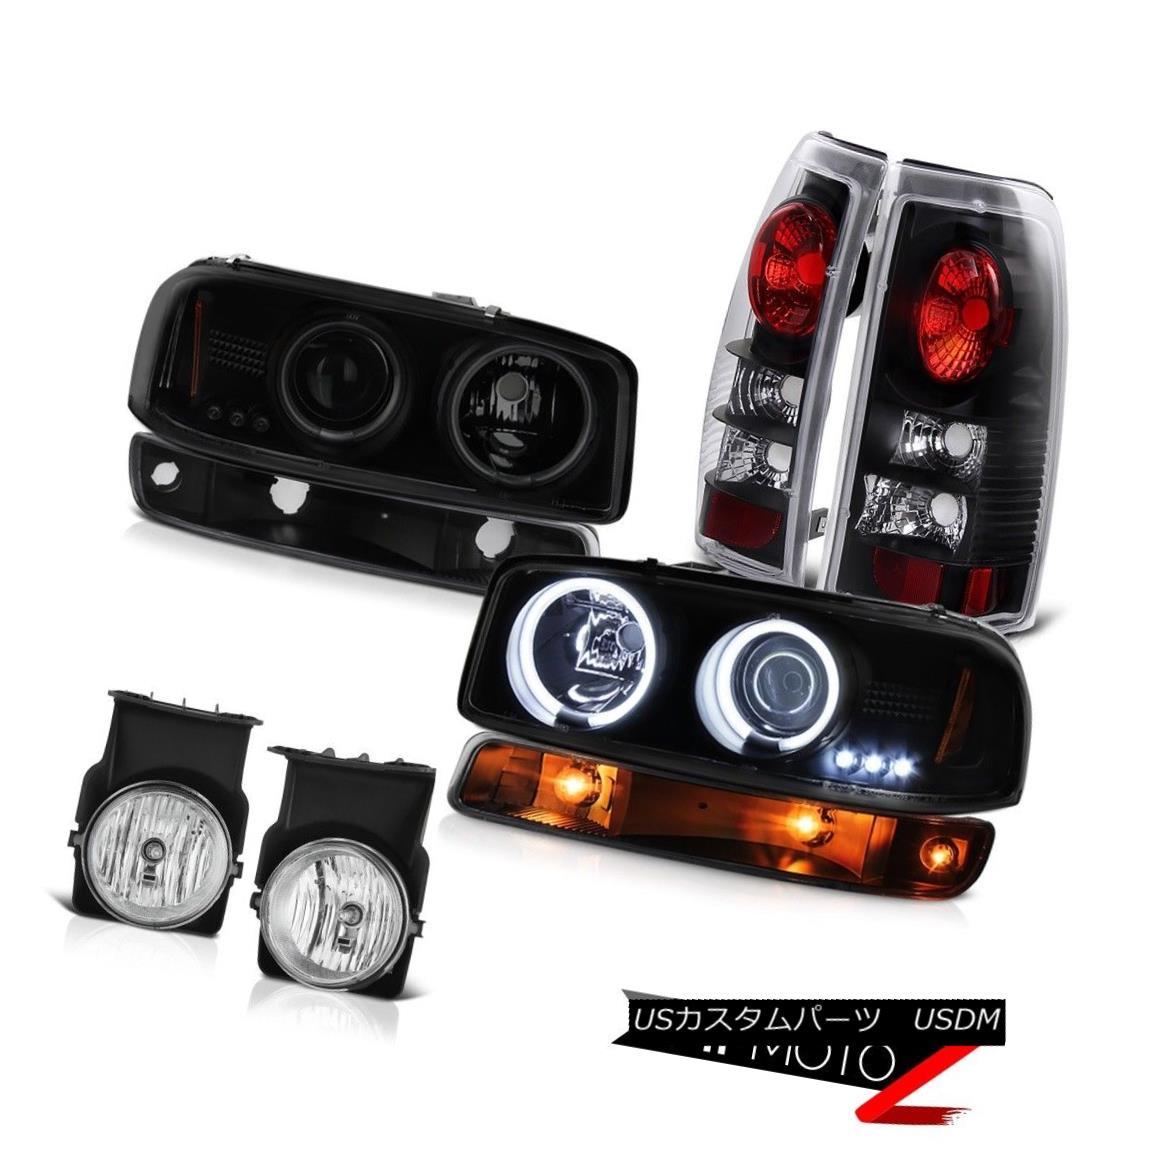 ヘッドライト 03-06 Sierra 4.3L Foglamps taillights parking lamp smoke tinted headlights LED 03-06シエラ4.3Lフォグランプテールライトパーキングランプ煙がかかったヘッドライトLED